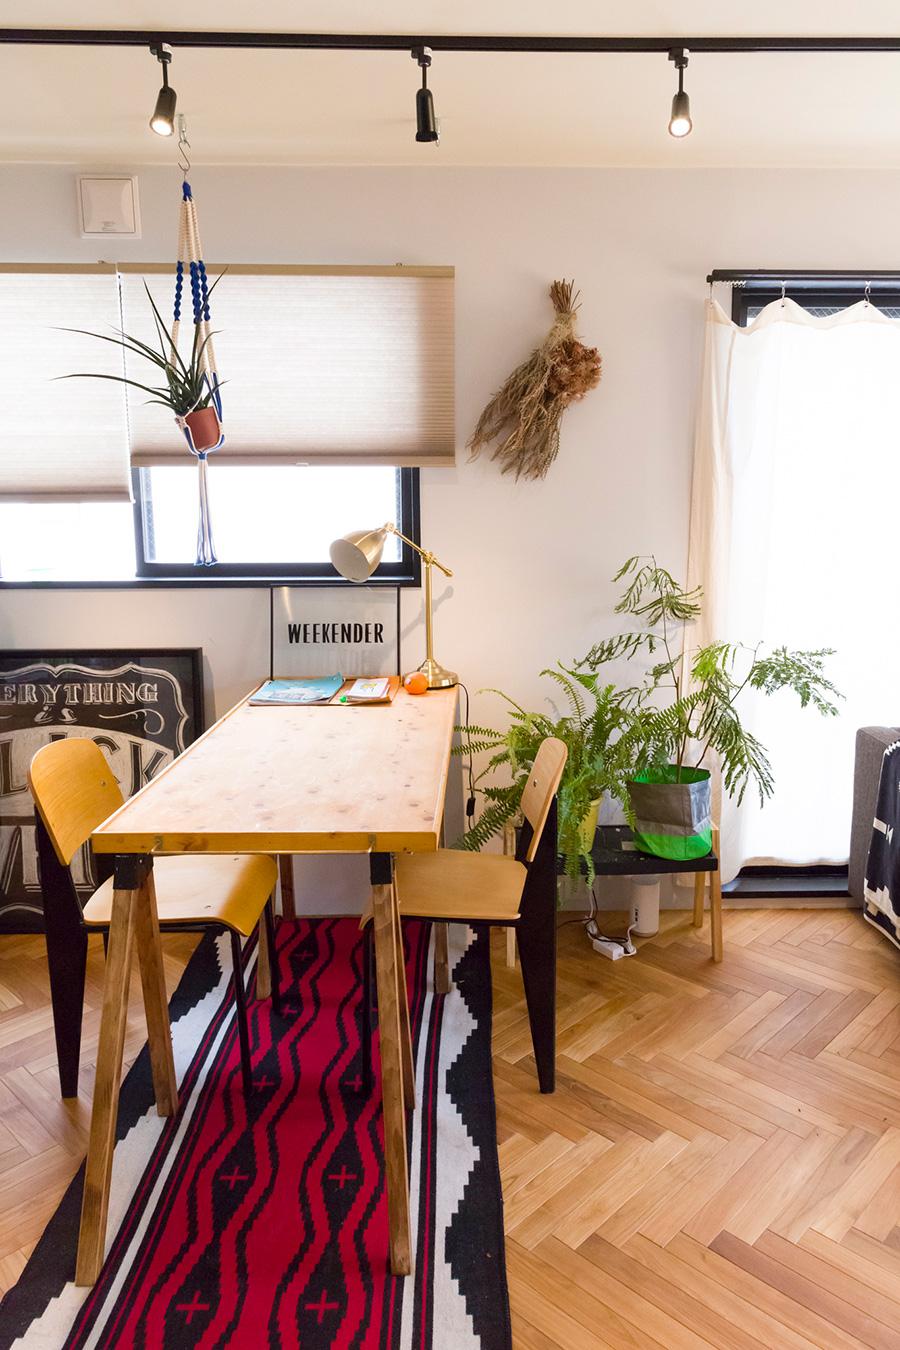 「知人の工房にあった天板を譲ってもらい、テーブルを作りました」。イスはジャン・プルーヴェのスタンダードチェア。